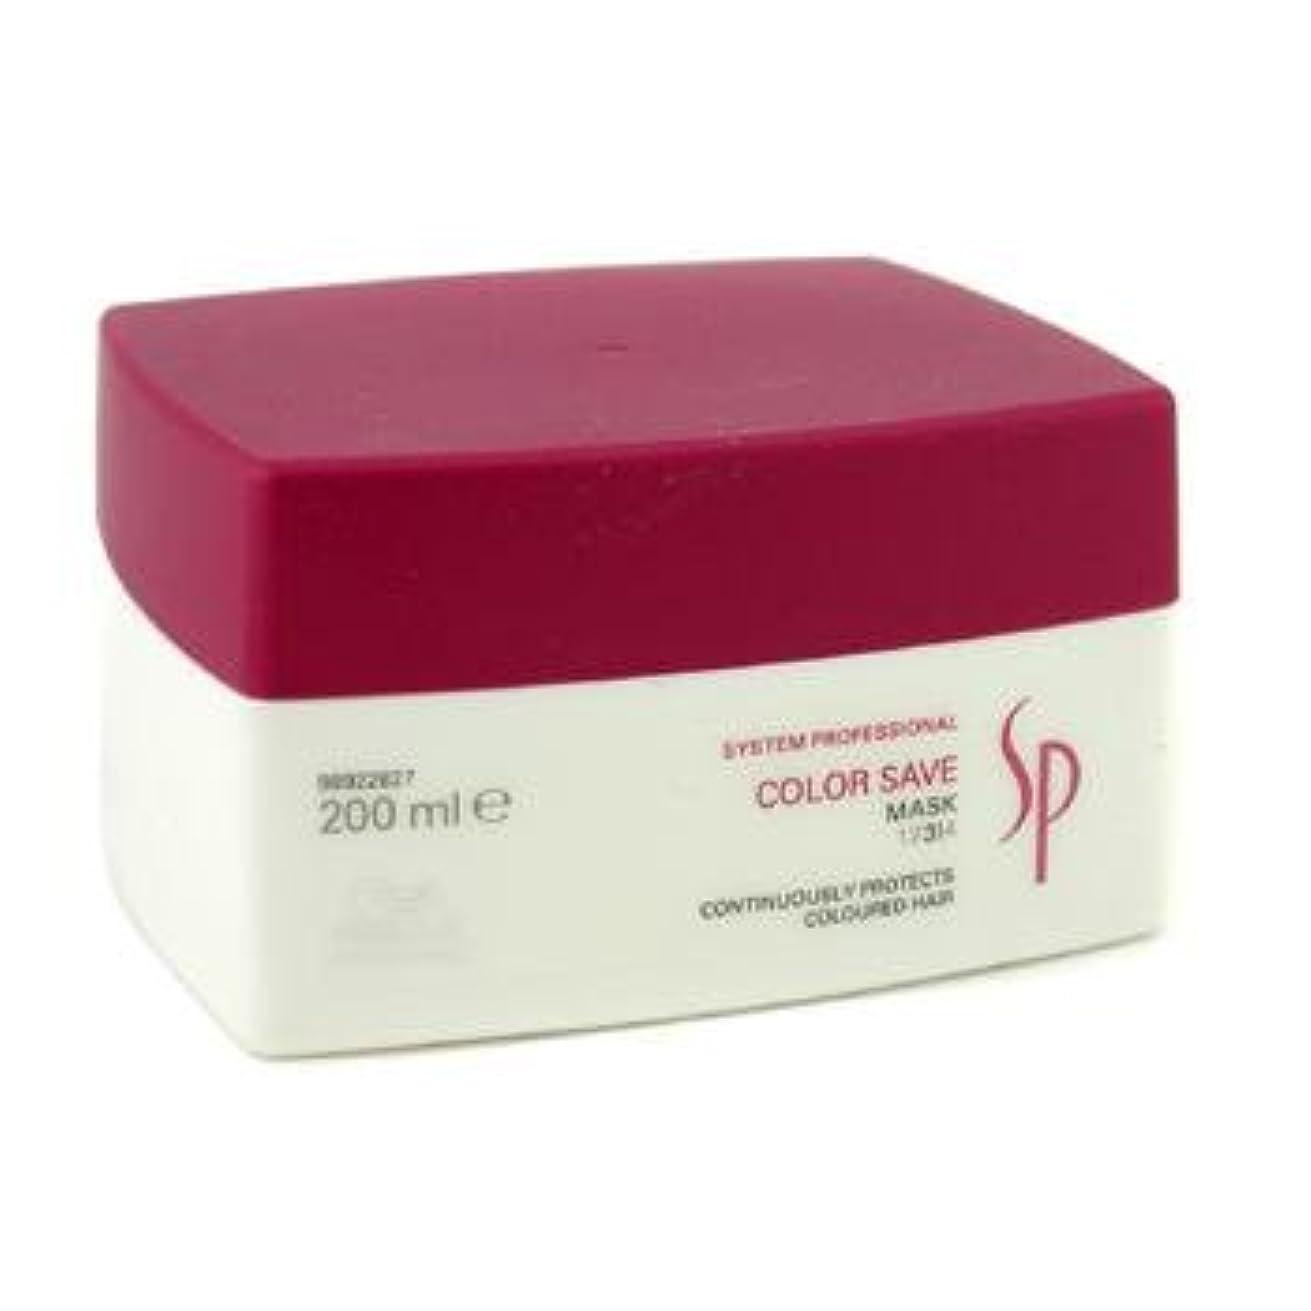 レシピラフ睡眠スパイラル[Wella] SP Color Save Mask ( For Coloured Hair ) 200ml/6.67oz[並行輸入品] [並行輸入品]